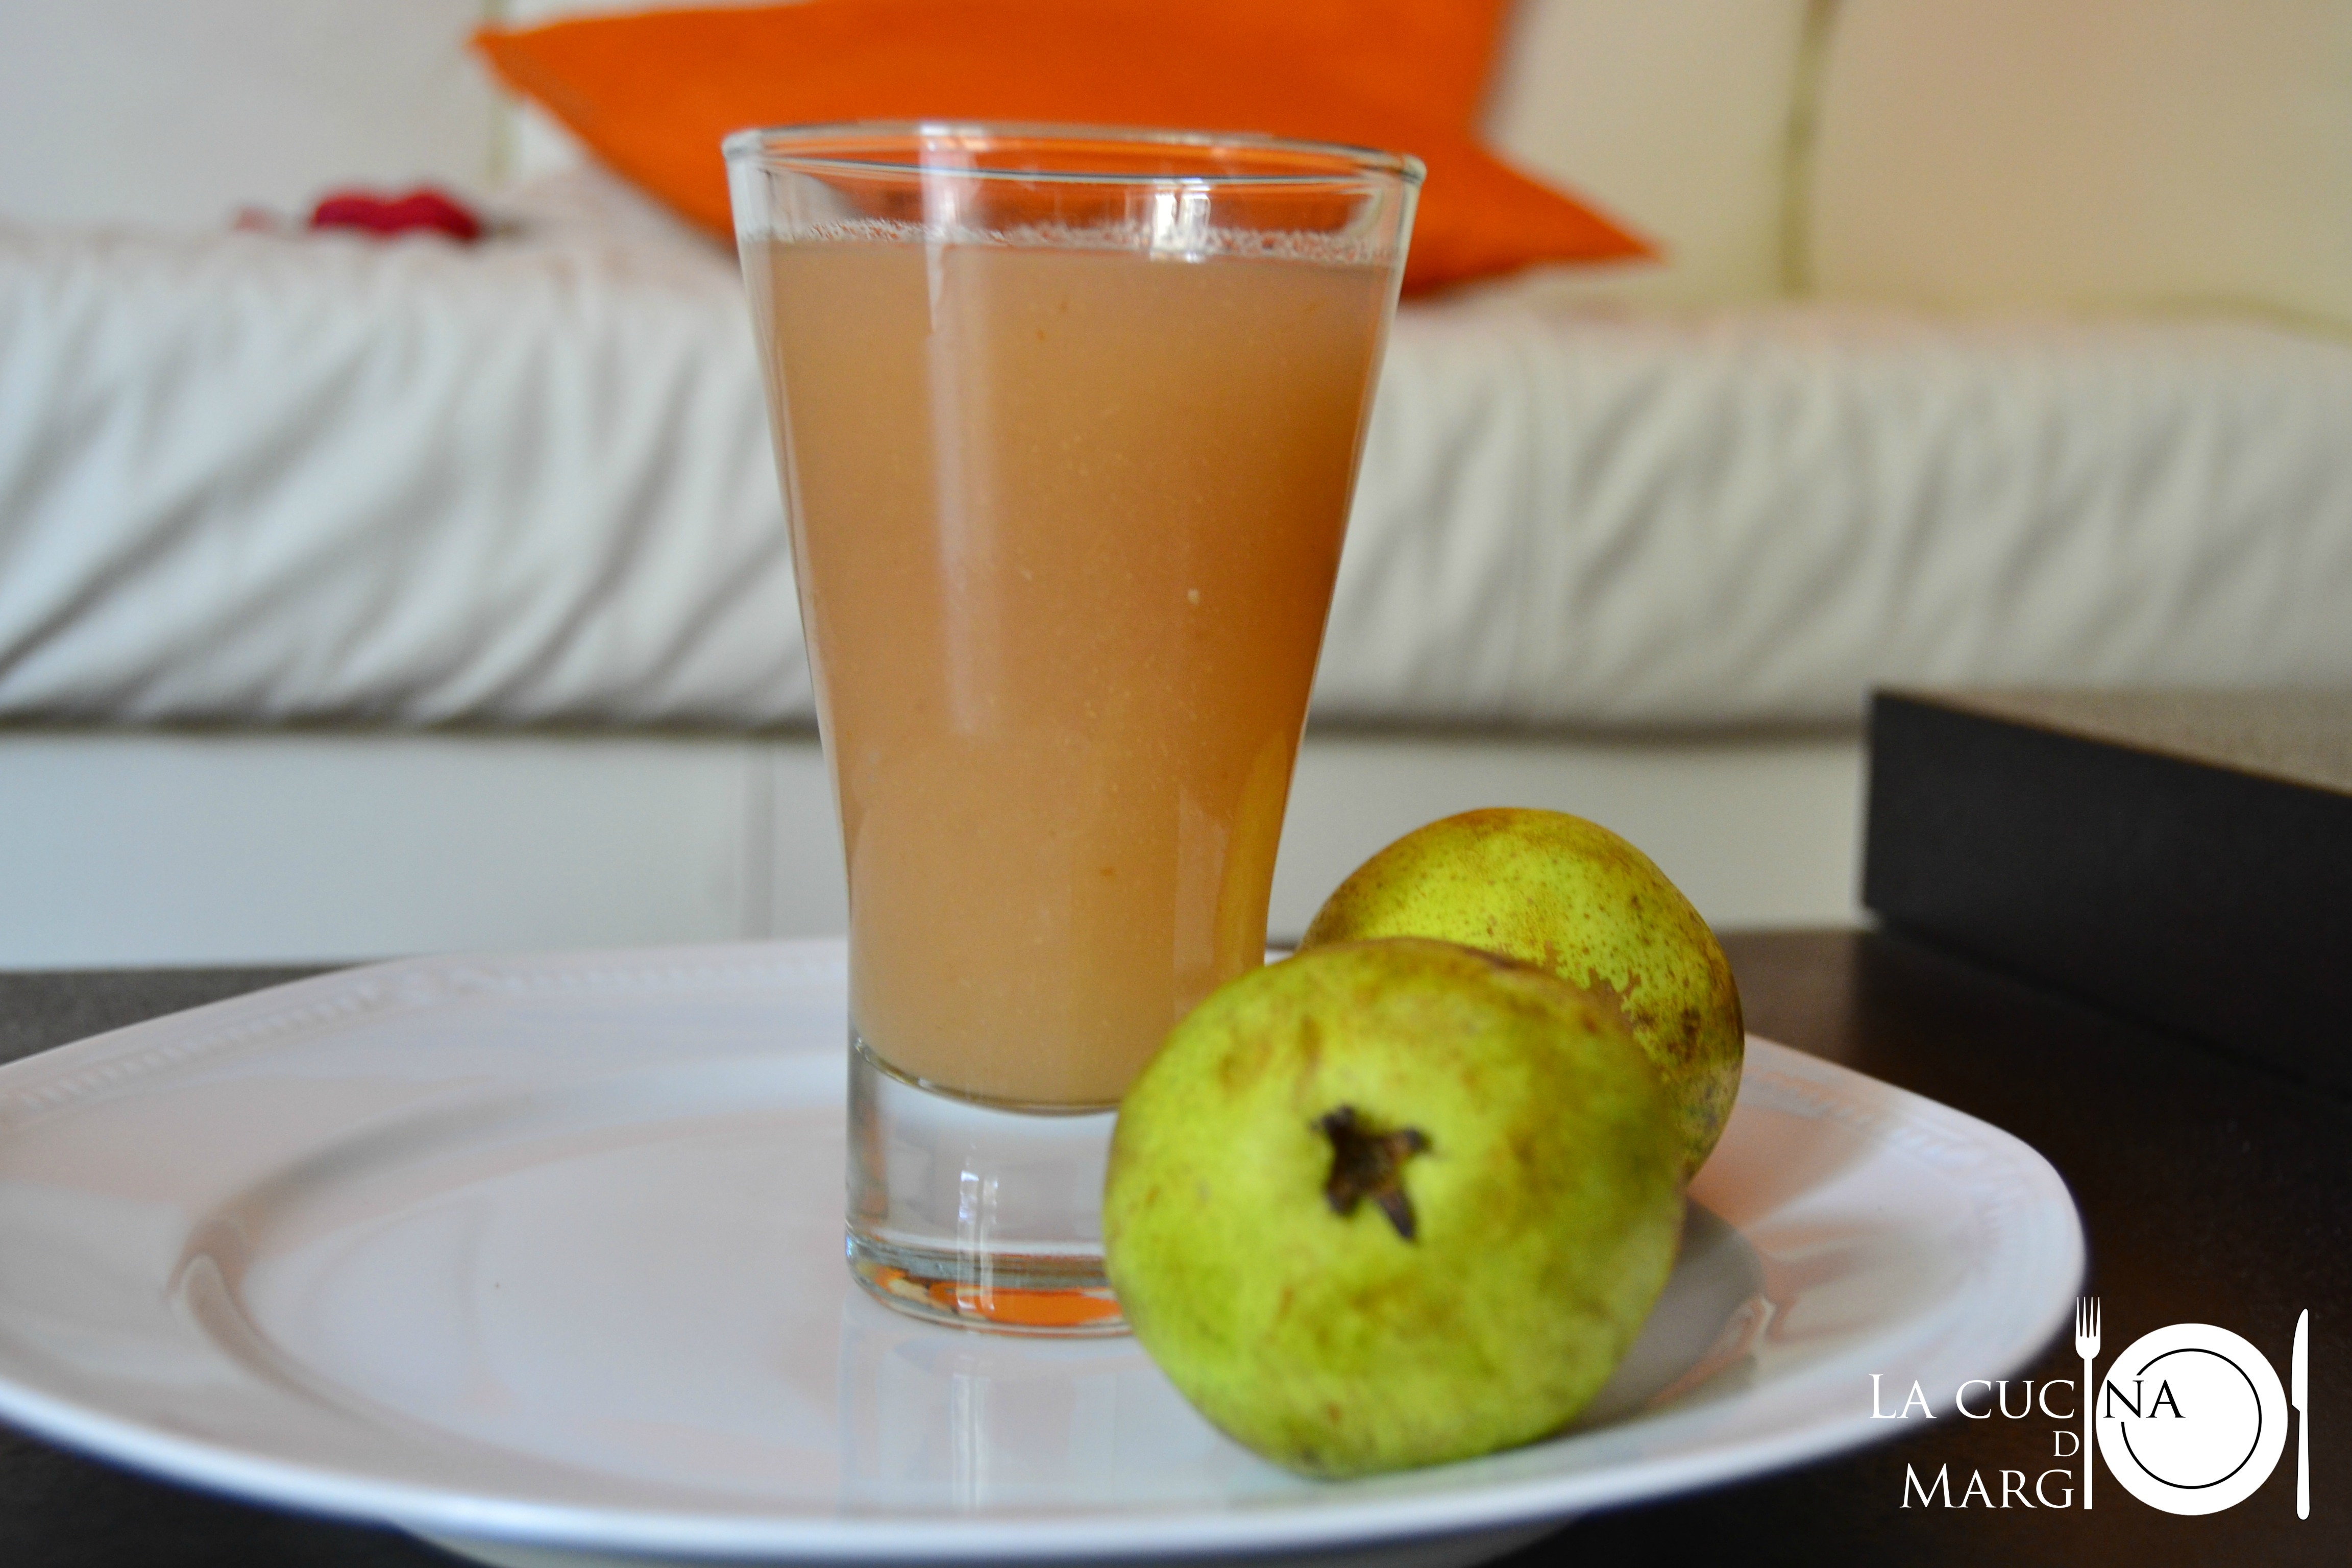 Succo di frutta alla pera   04   LOGO   DSC_0092